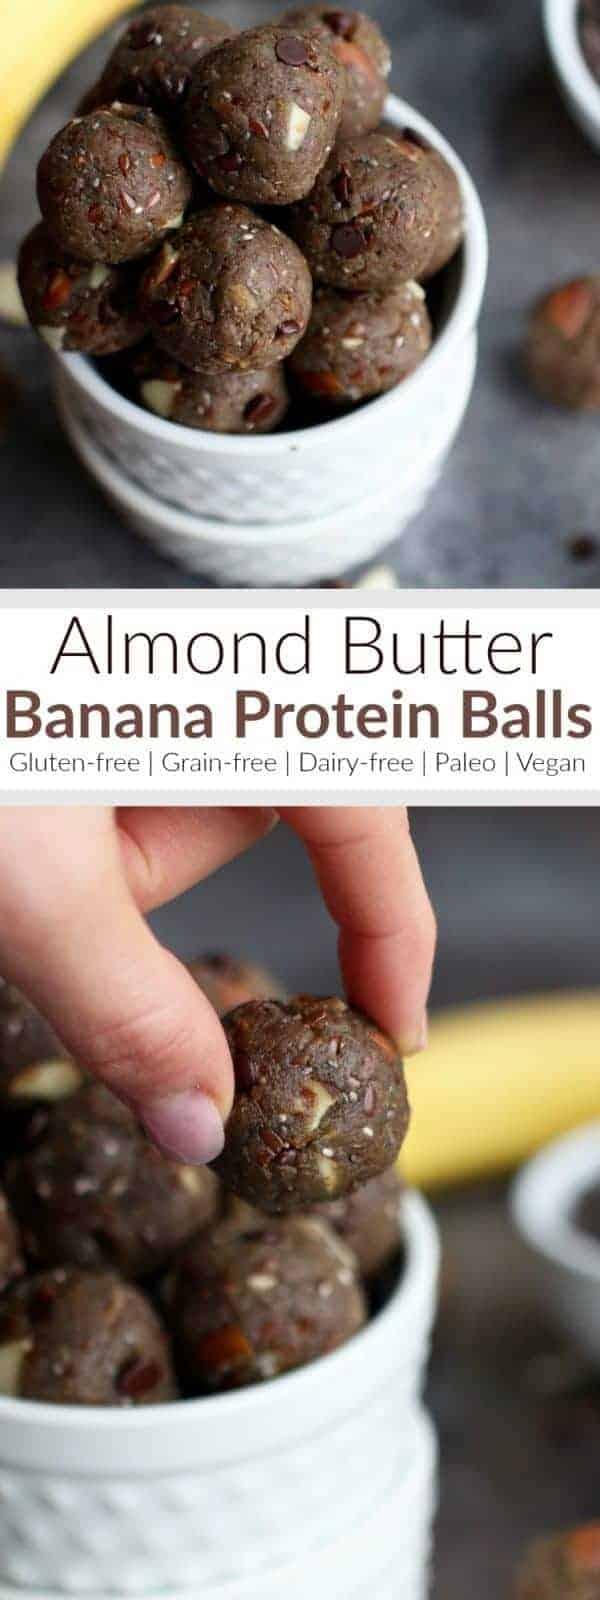 Pinterest image for Almond Butter Banana Protein Balls